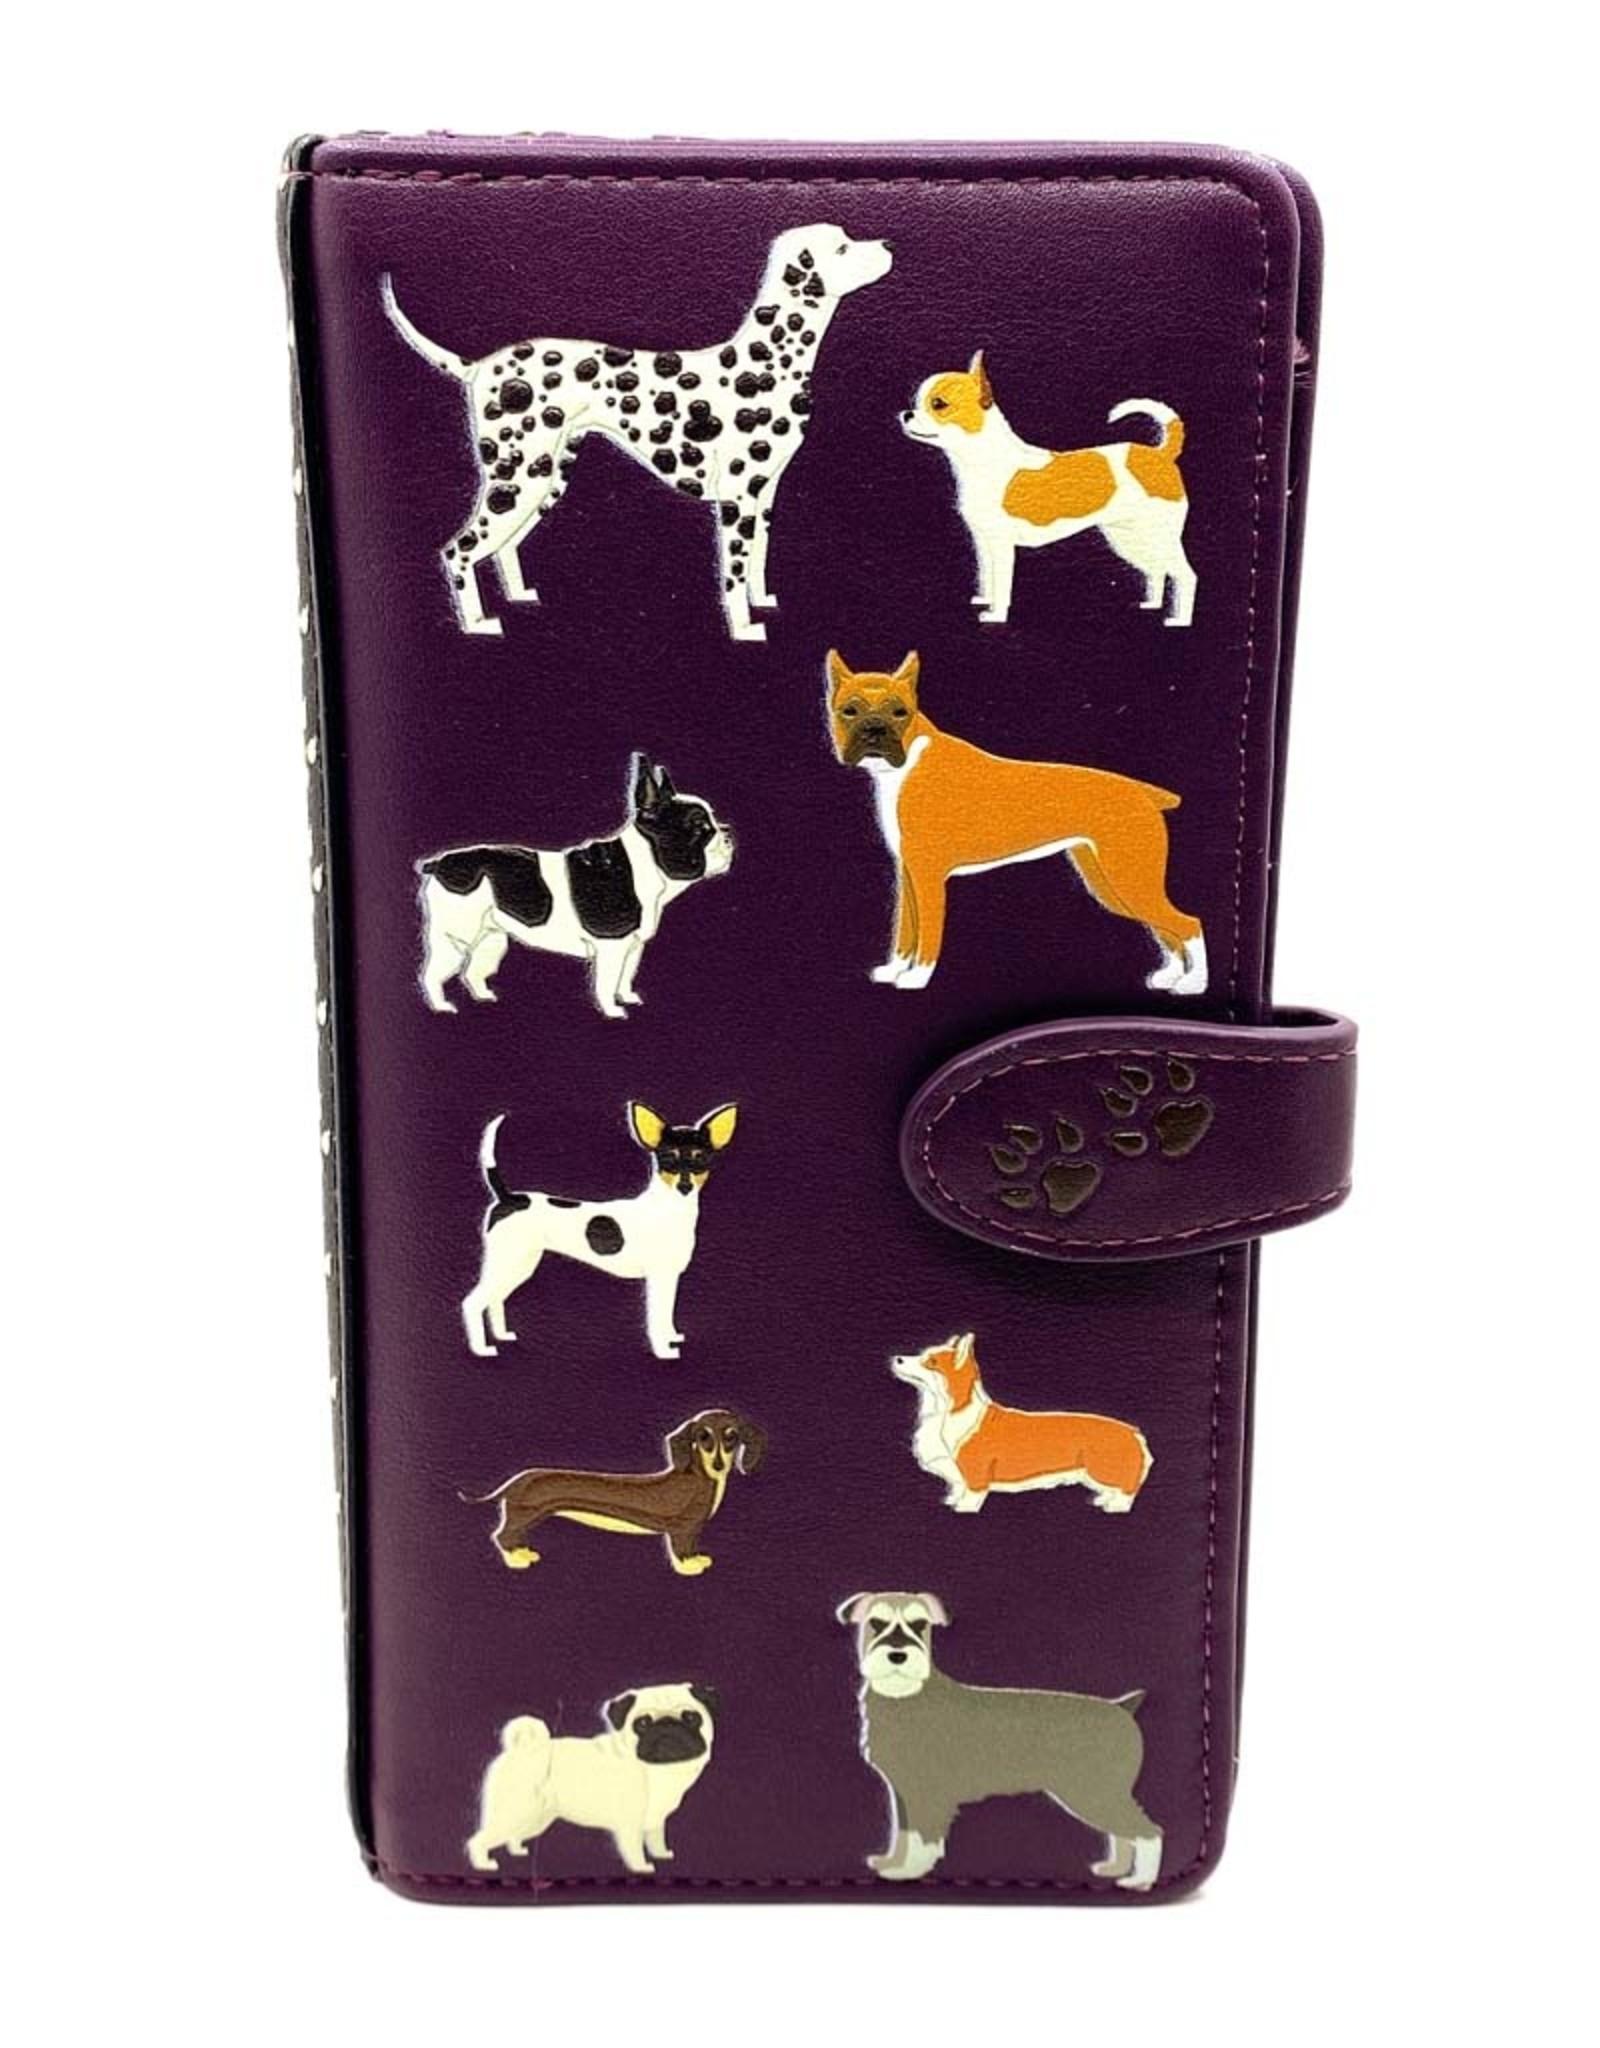 SHAGWEAR DOGS DOGS DOGS WALLET